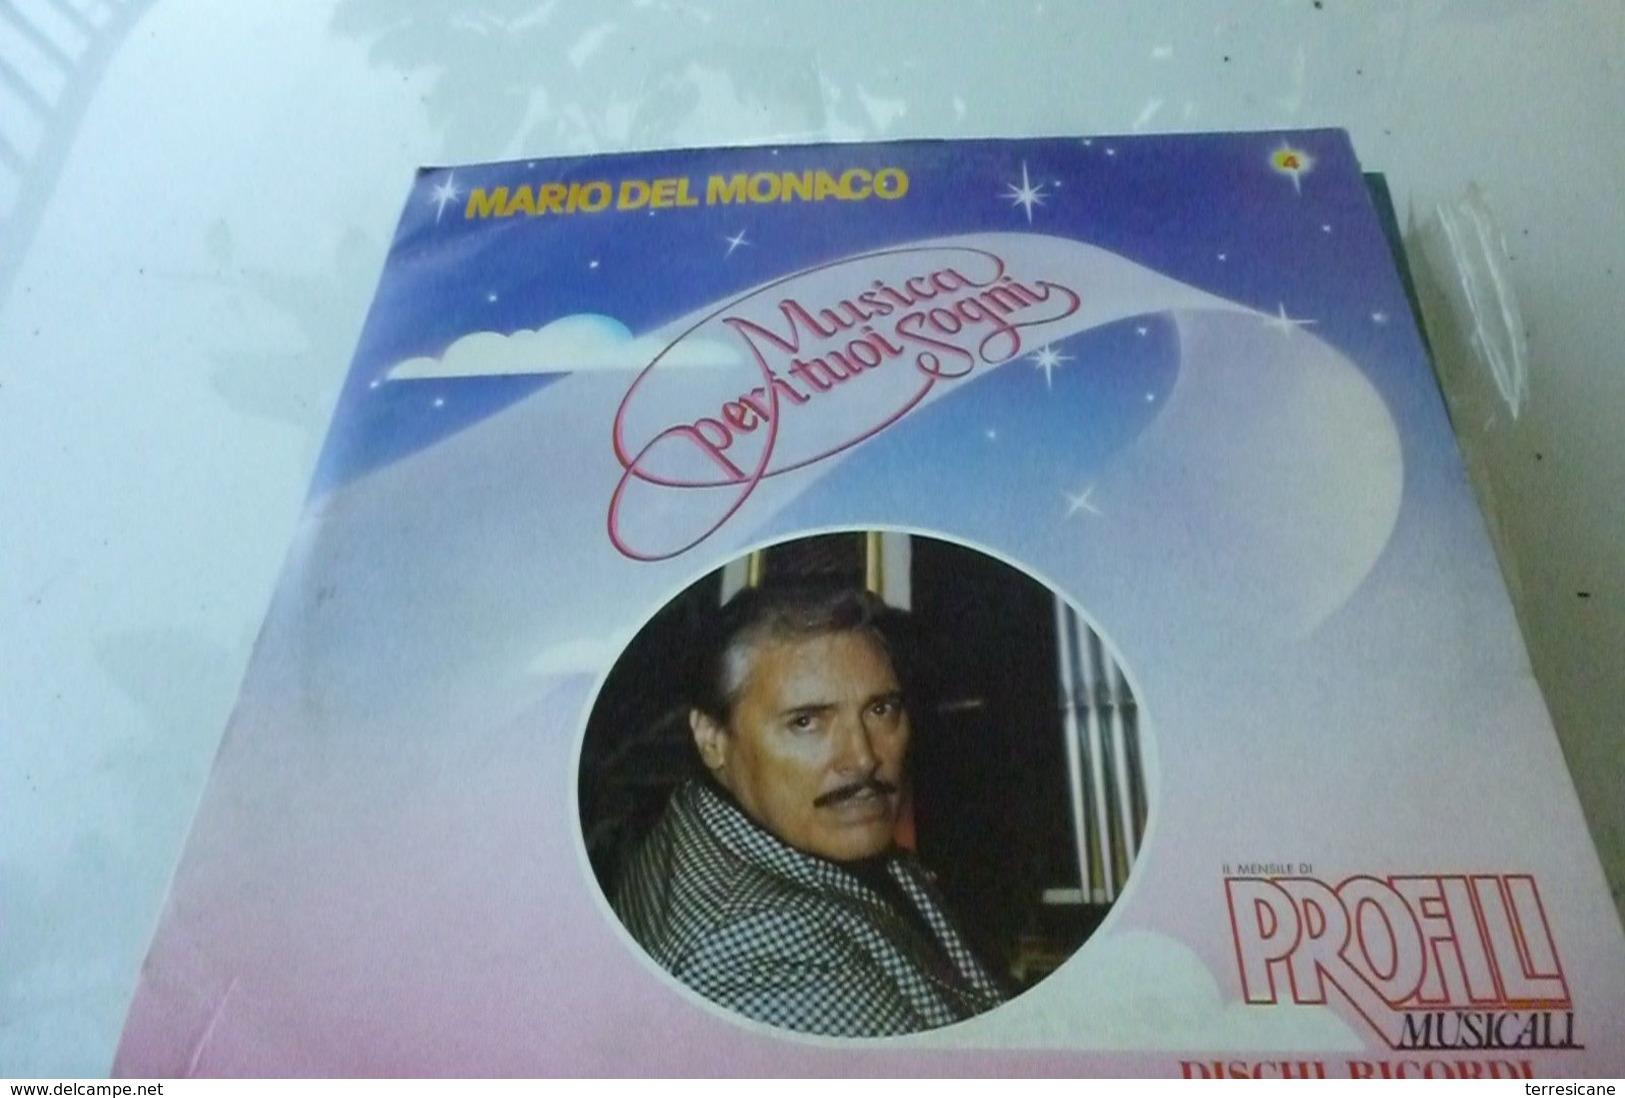 MARIO DEL MONACO PROFILI MUSICALI DISCHI RICORDI BOOKLET COMPRESO - Collections Complètes